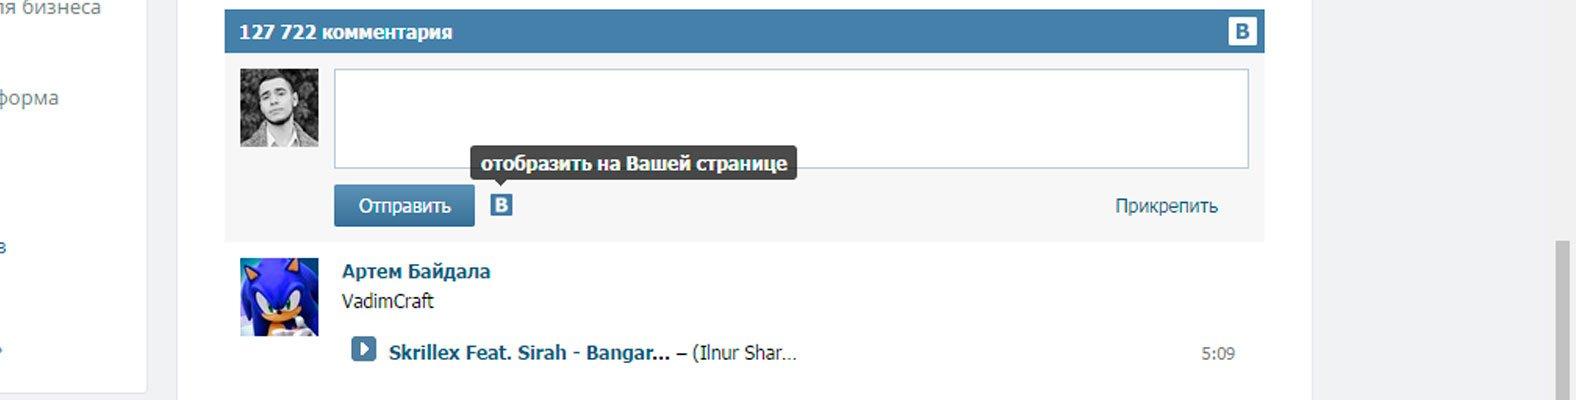 Виджет комментариев Вконтакте для сайта